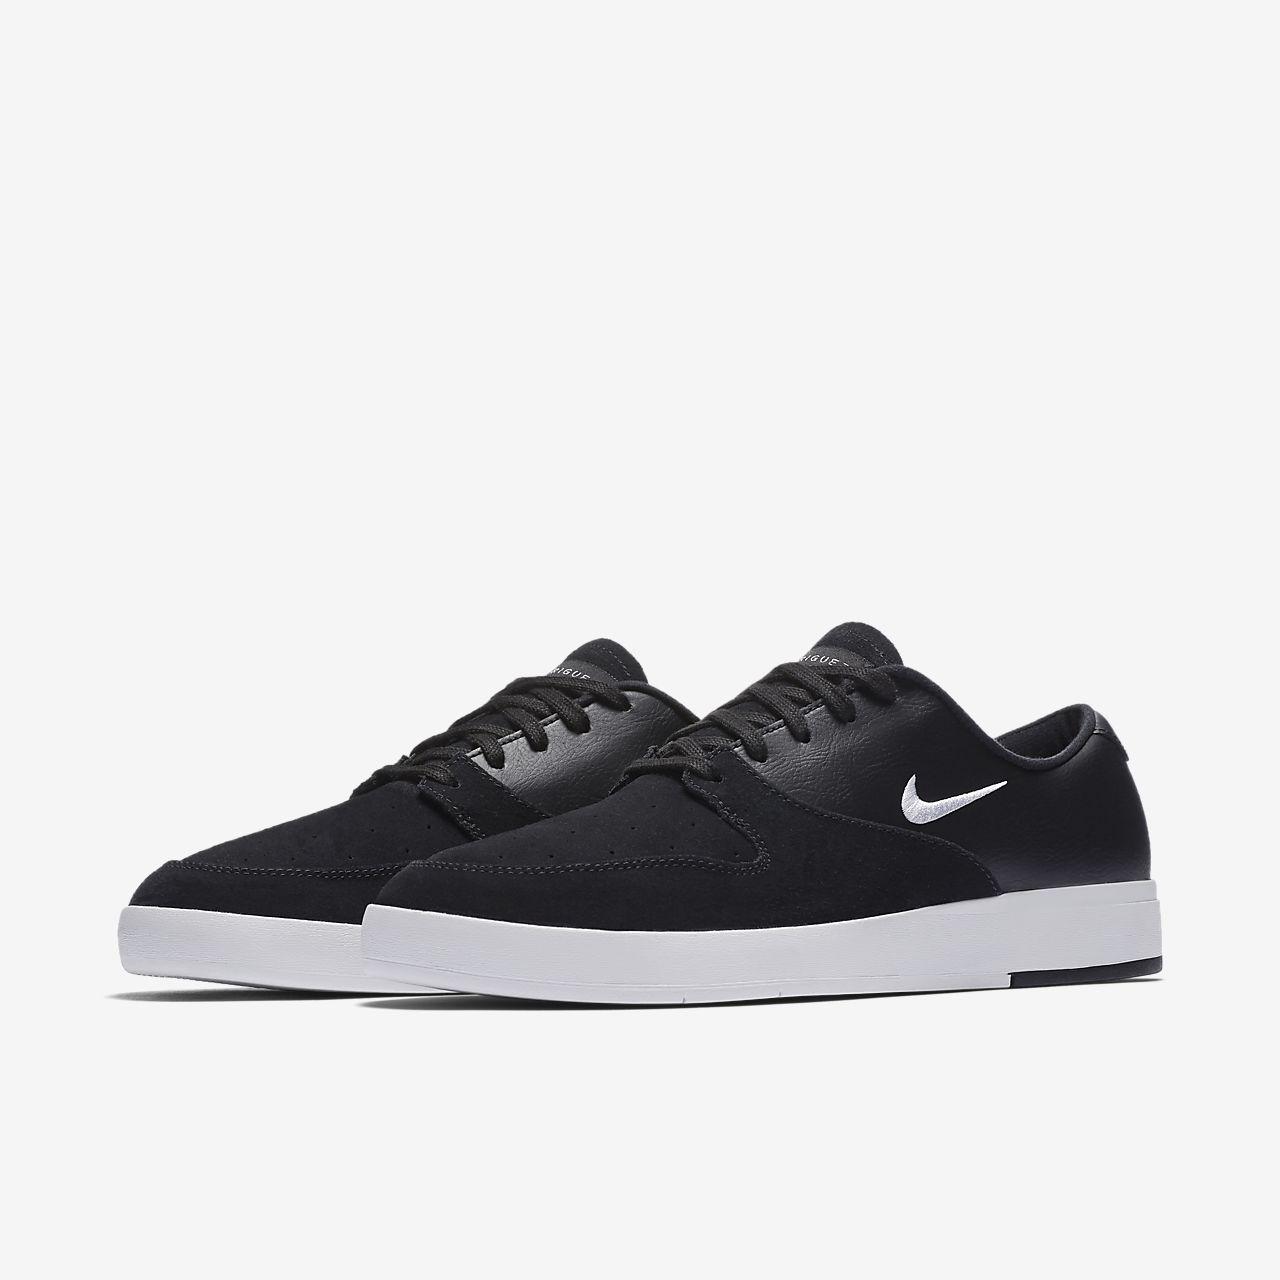 Paul Rodriguez Nike Chaussures De Skate Sb vente bas prix prise avec MasterCard fourniture sortie jeu vraiment toupz6